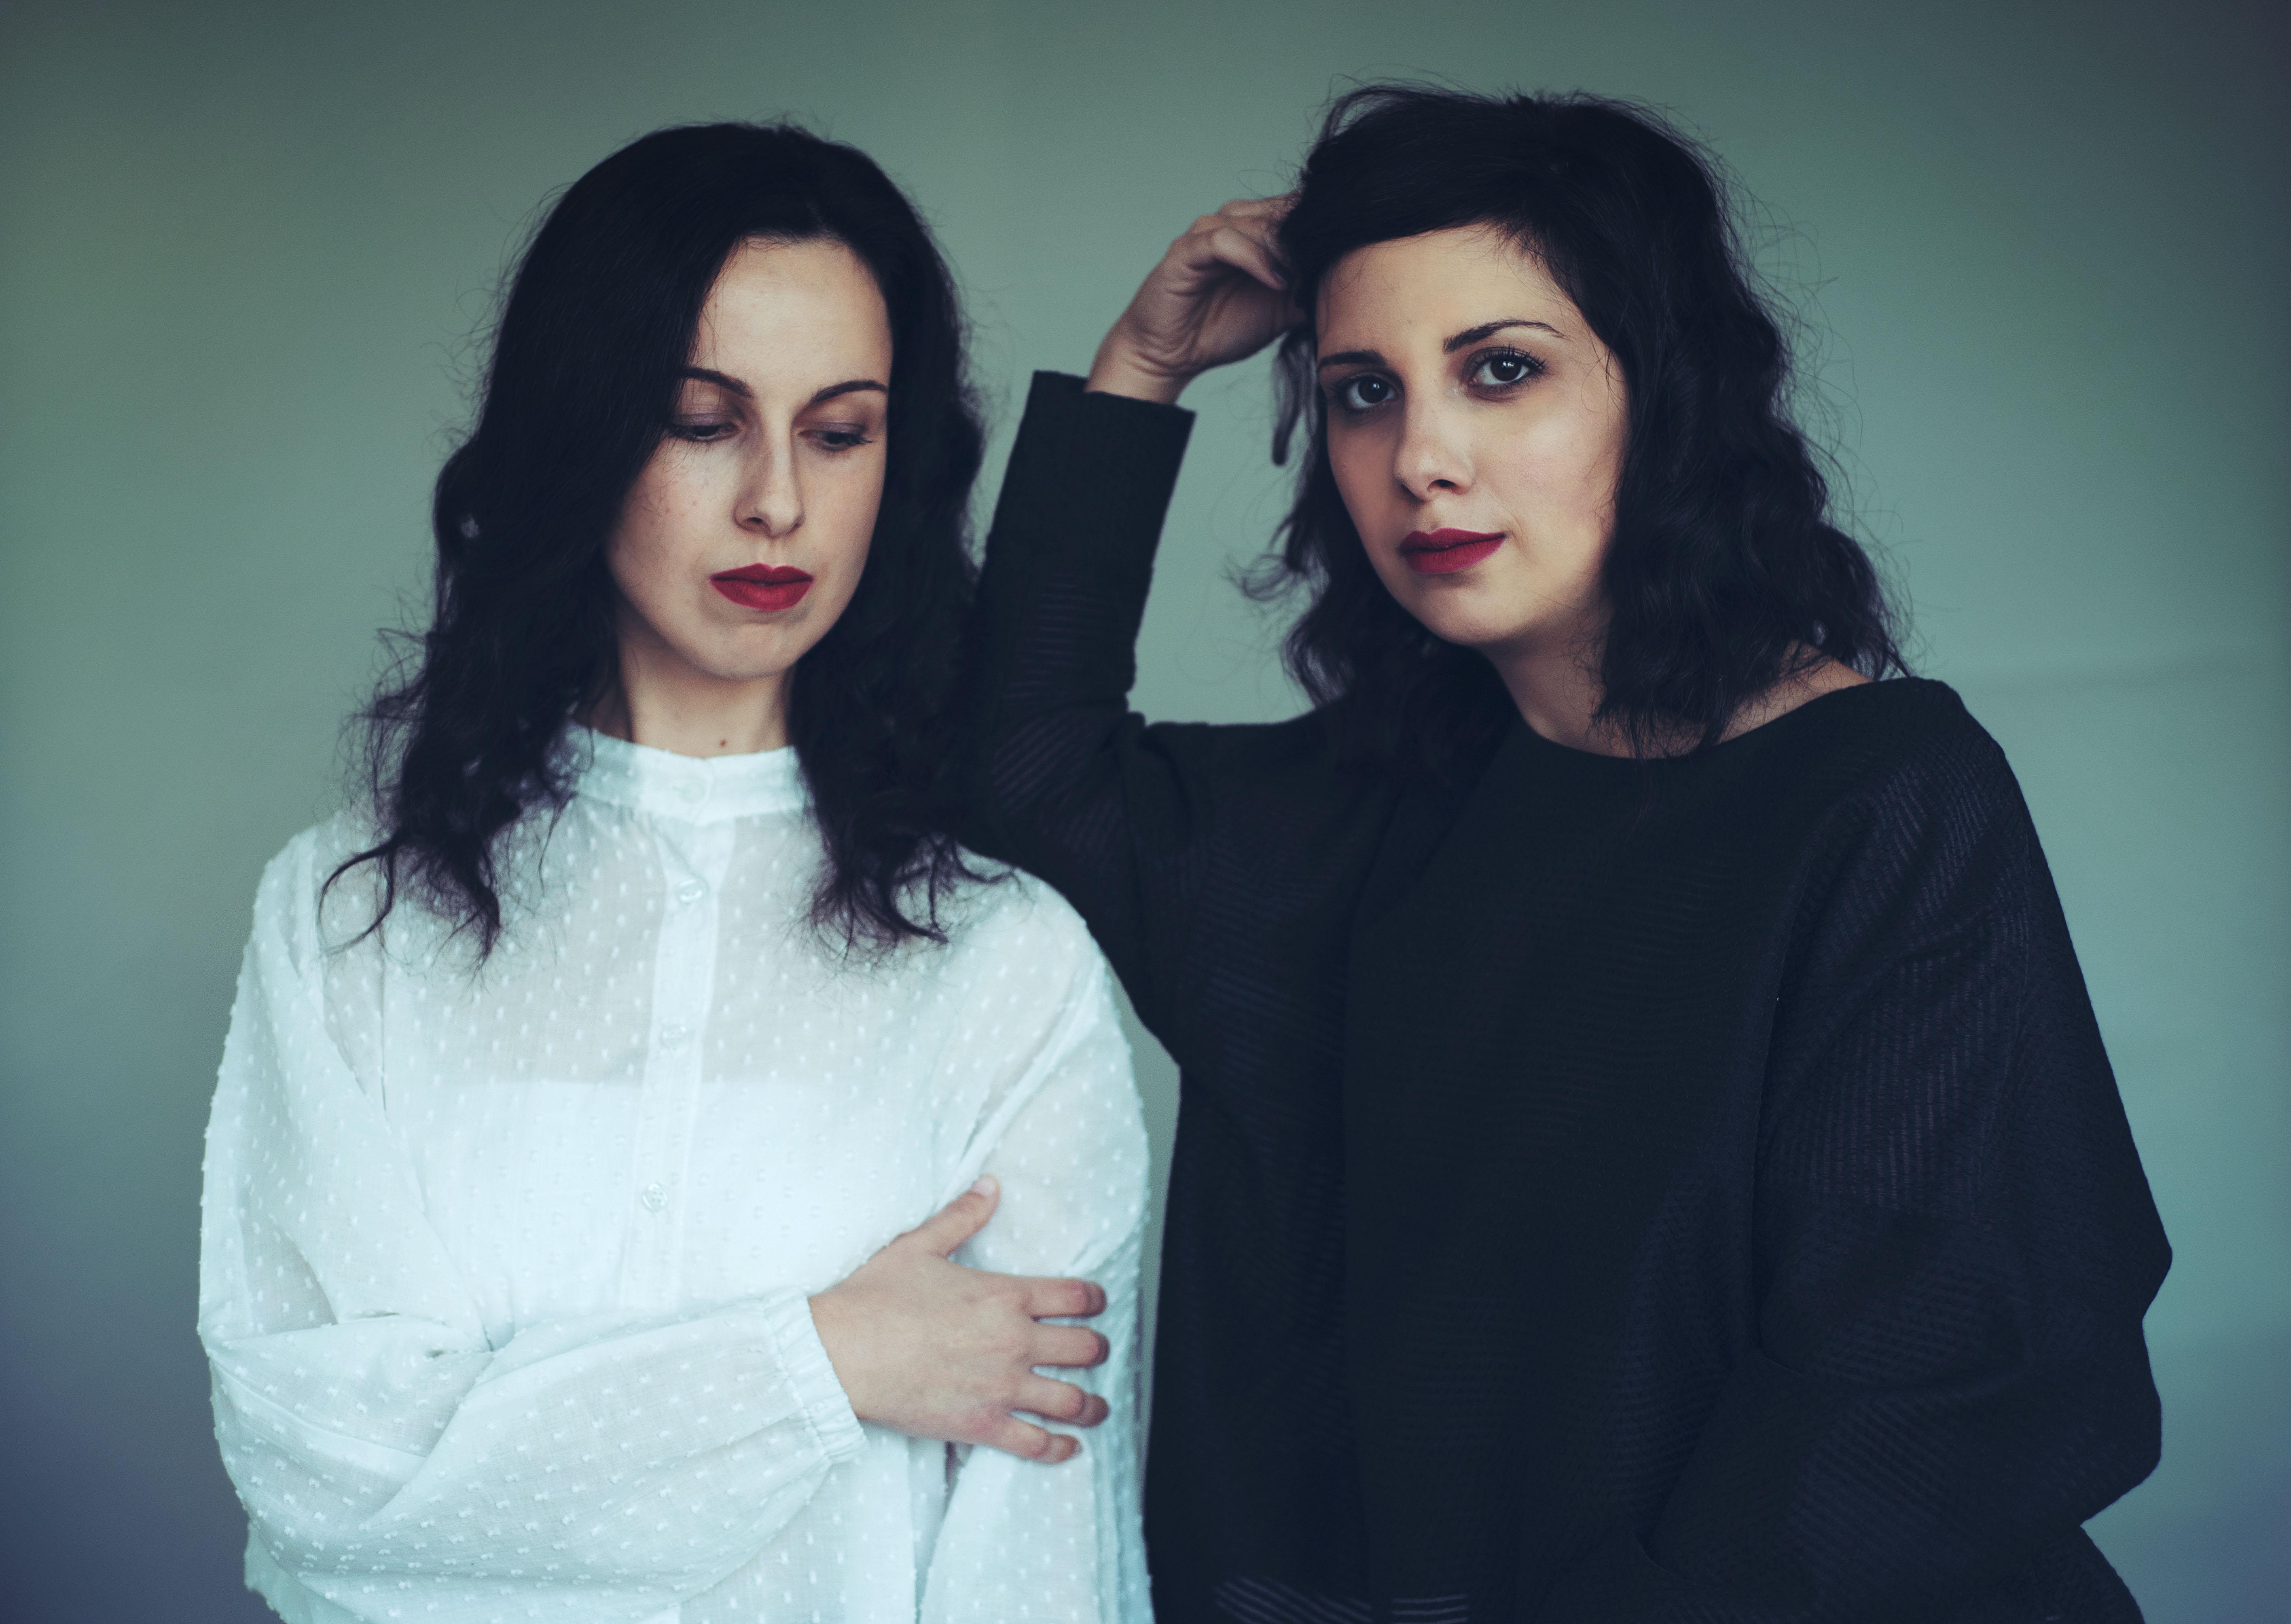 דברים יפים: שחר רודריג על אלבום הבכורה של האחיות ג'משיד